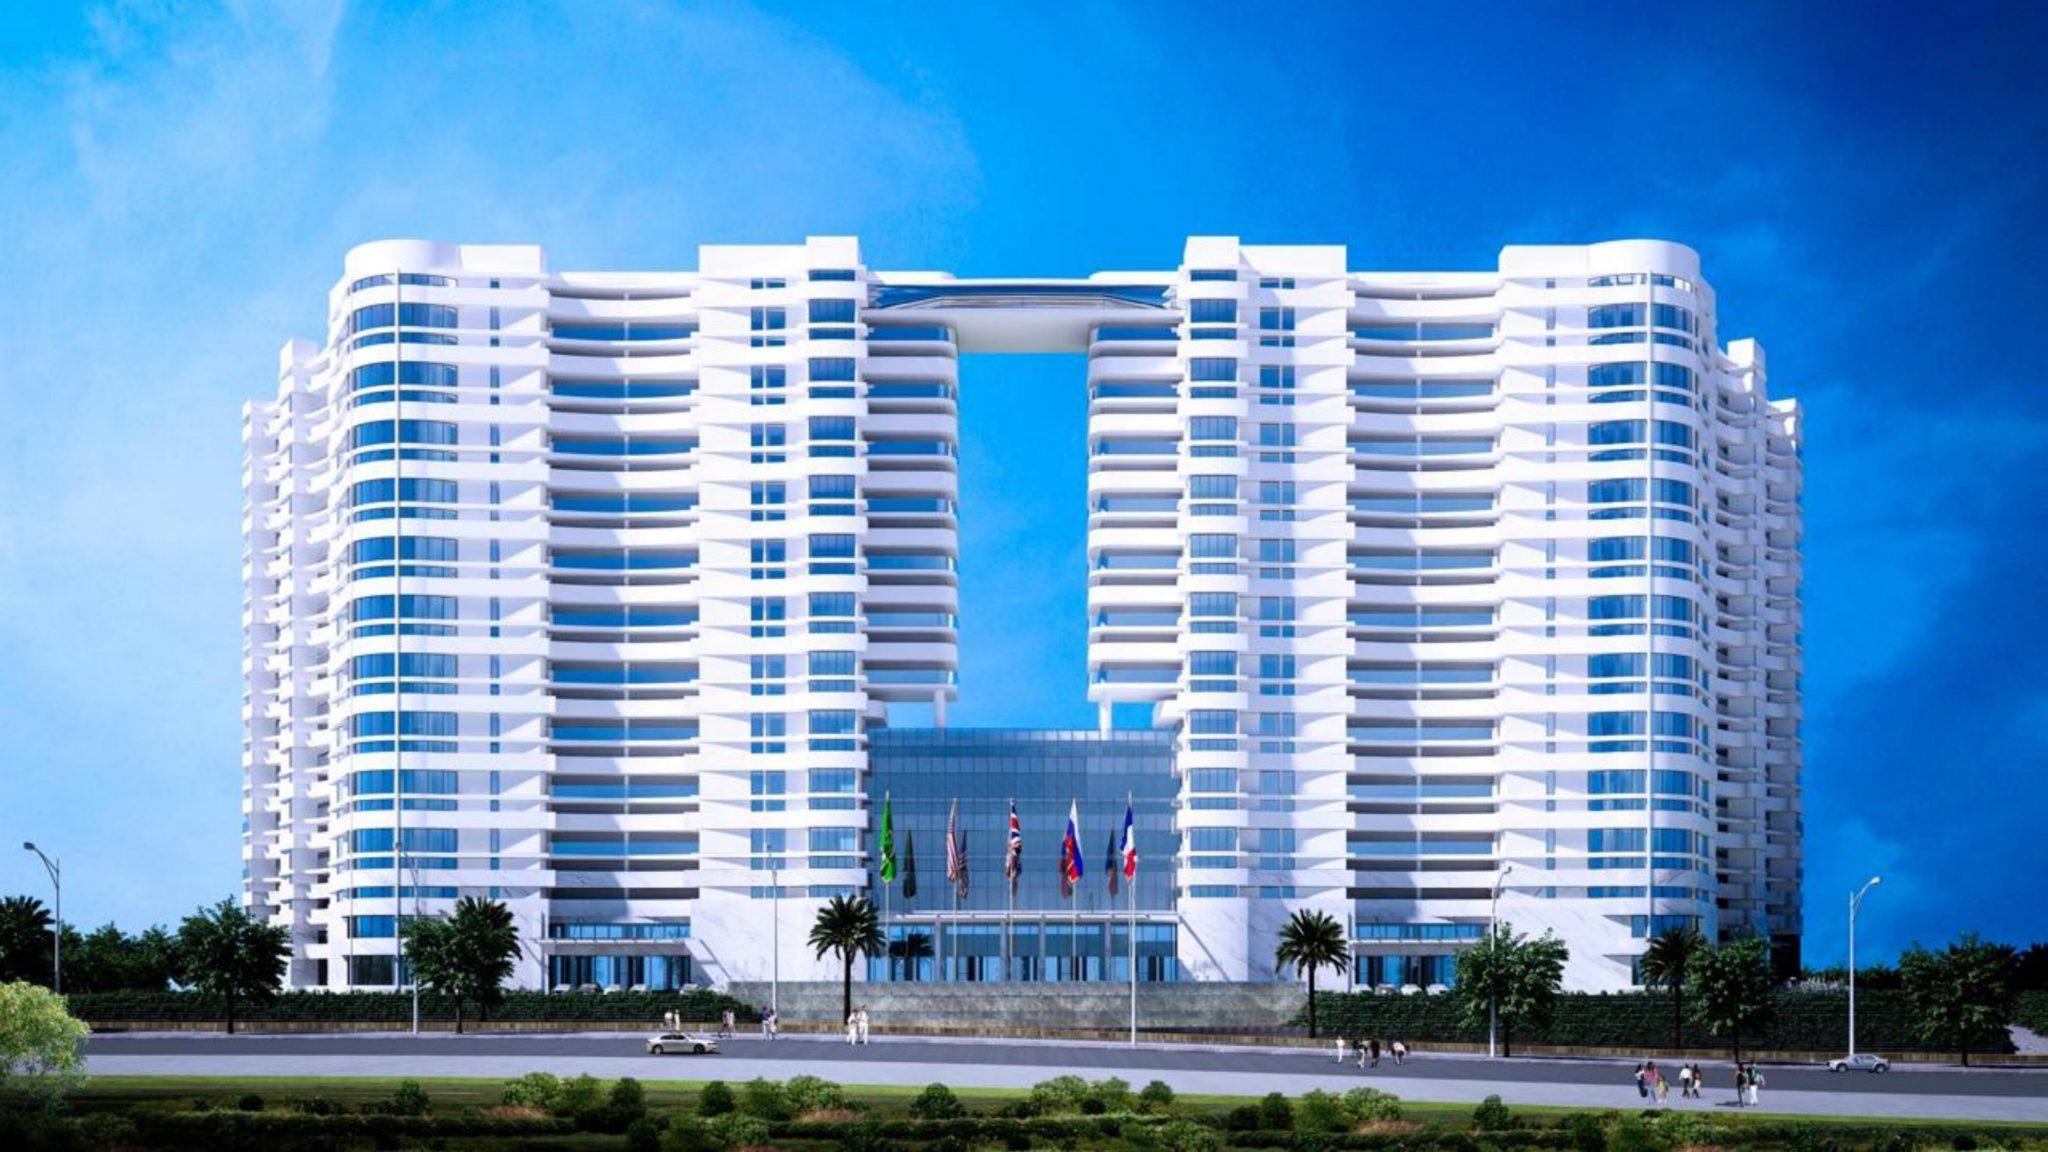 cam ranh bay - Dự án căn hộ condotel Cam Ranh Bay - Pearl Cam Ranh